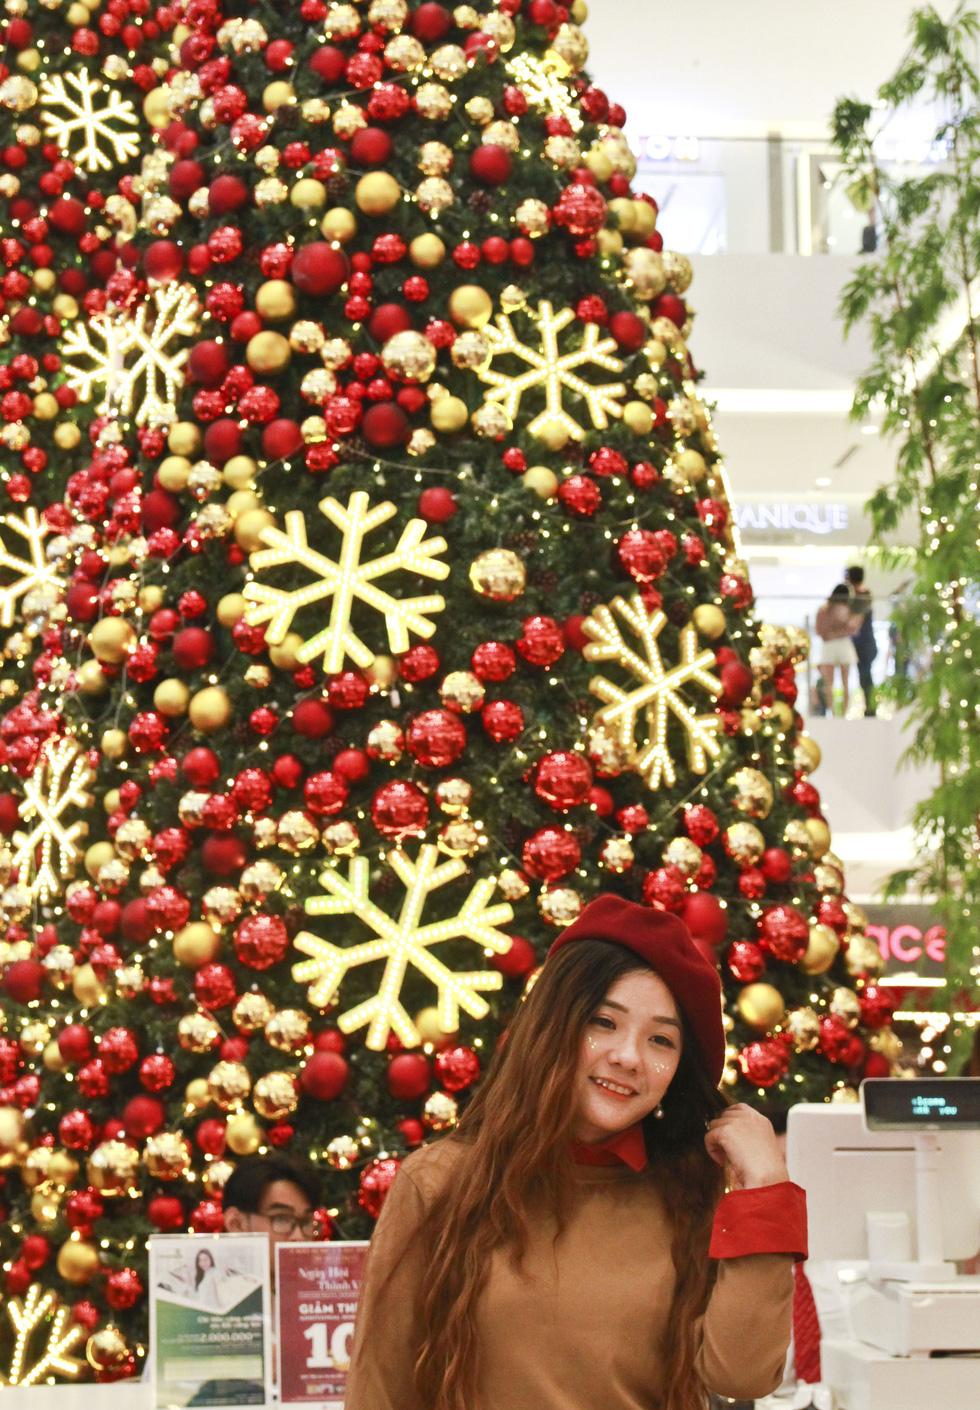 Chụp ảnh trên nền cây thông Noel là sự lựa chọn của nhiều bạn nữ